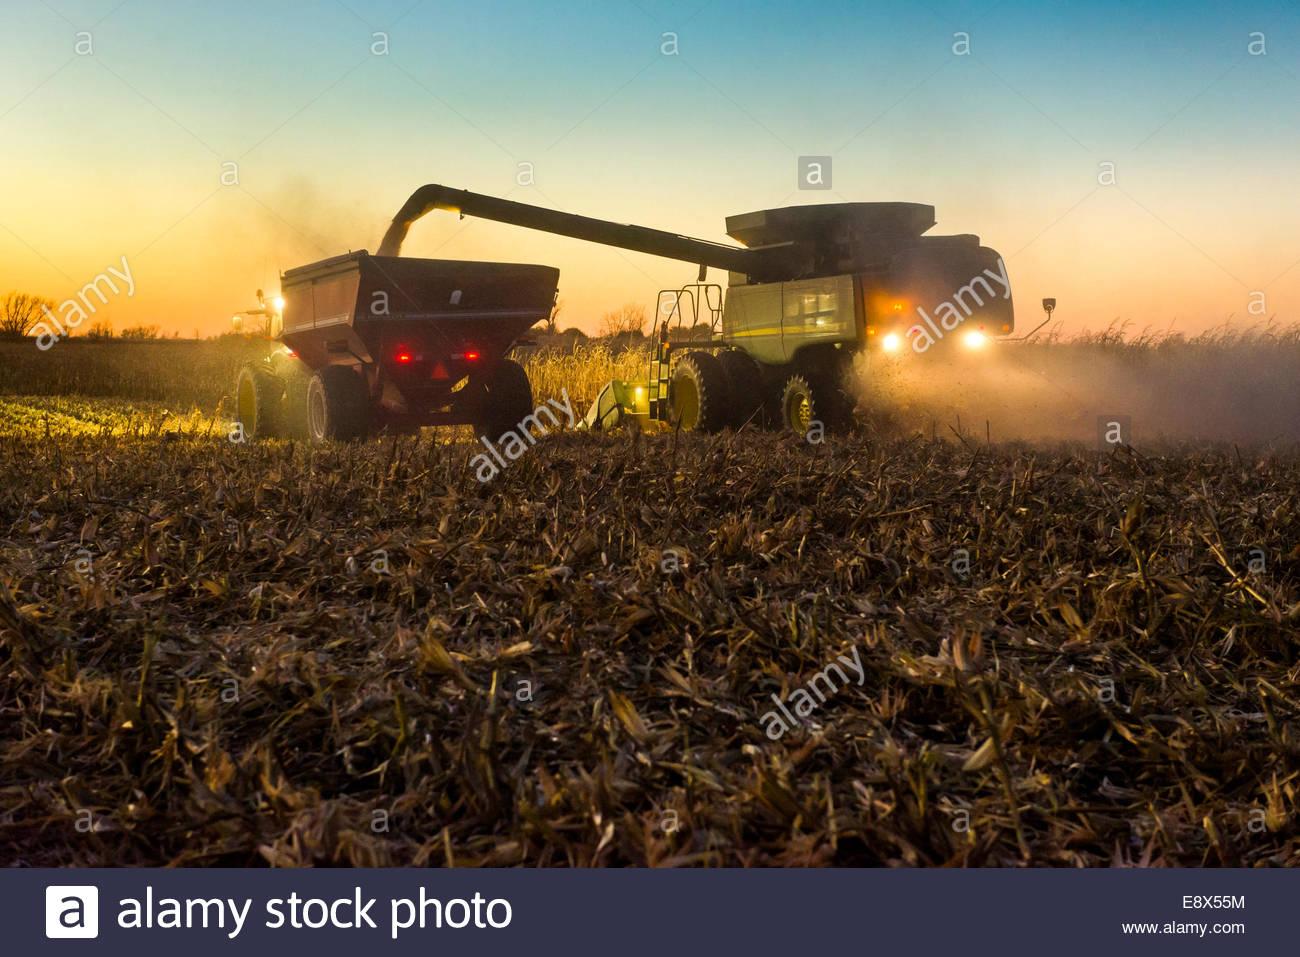 Ein Landwirt Schnecken gelb geernteten Getreide Mais aus einem in ein Korn Wagen bei der Maisernte im Süden Stockbild